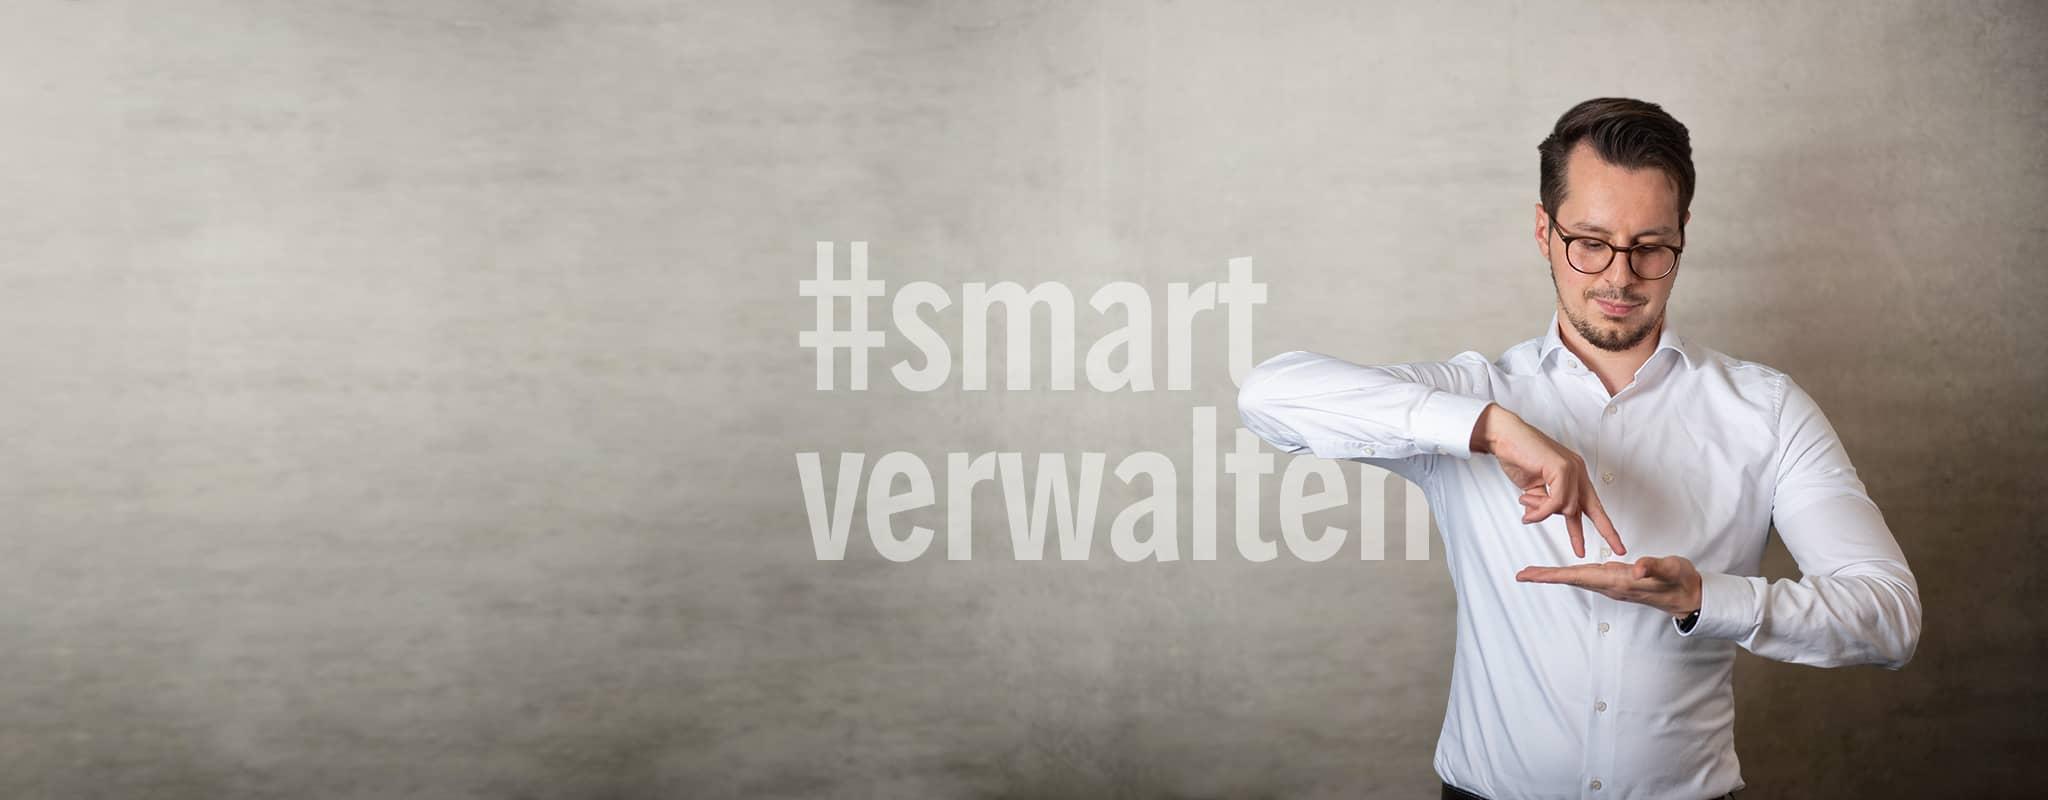 Ihr Schritt zum #smartverwalten